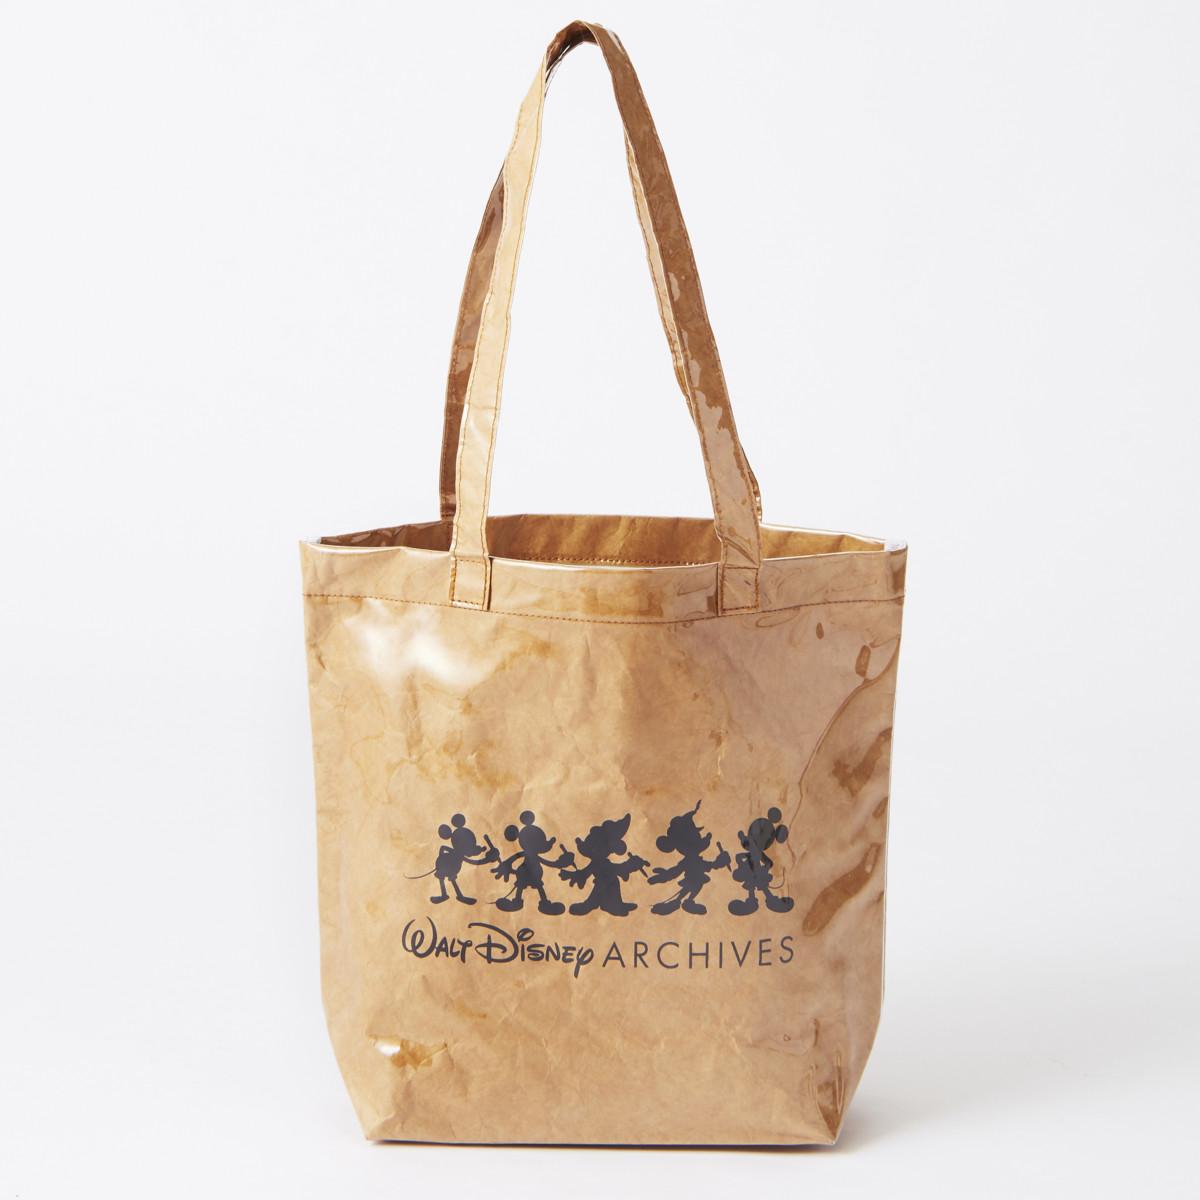 ウォルト・ディズニー・アーカイブス展 ~ミッキーマウスから続く、未来への物語~ 横浜 2重バッグ